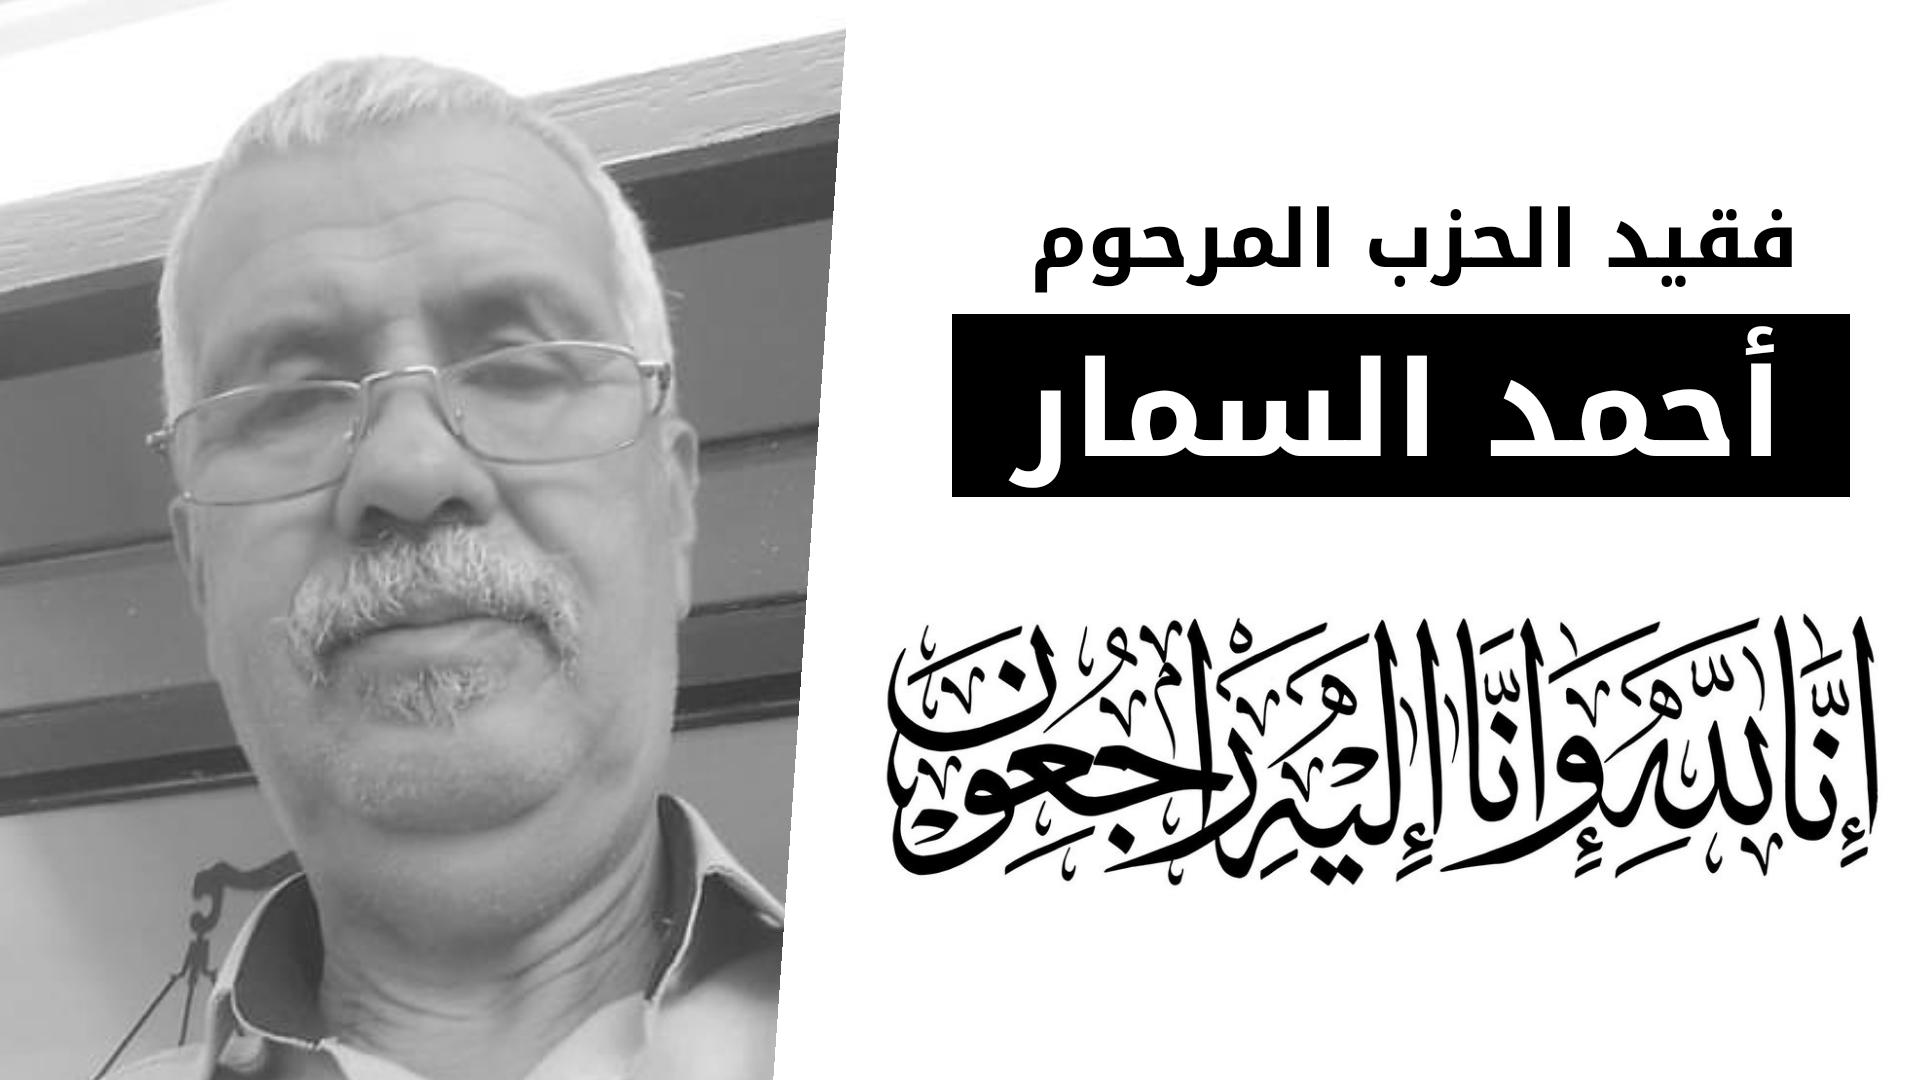 الأخ نزار بركة يقدم واجب العزاء للأسرة الكريمة لفقيد الحزب المرحوم أحمد السمار